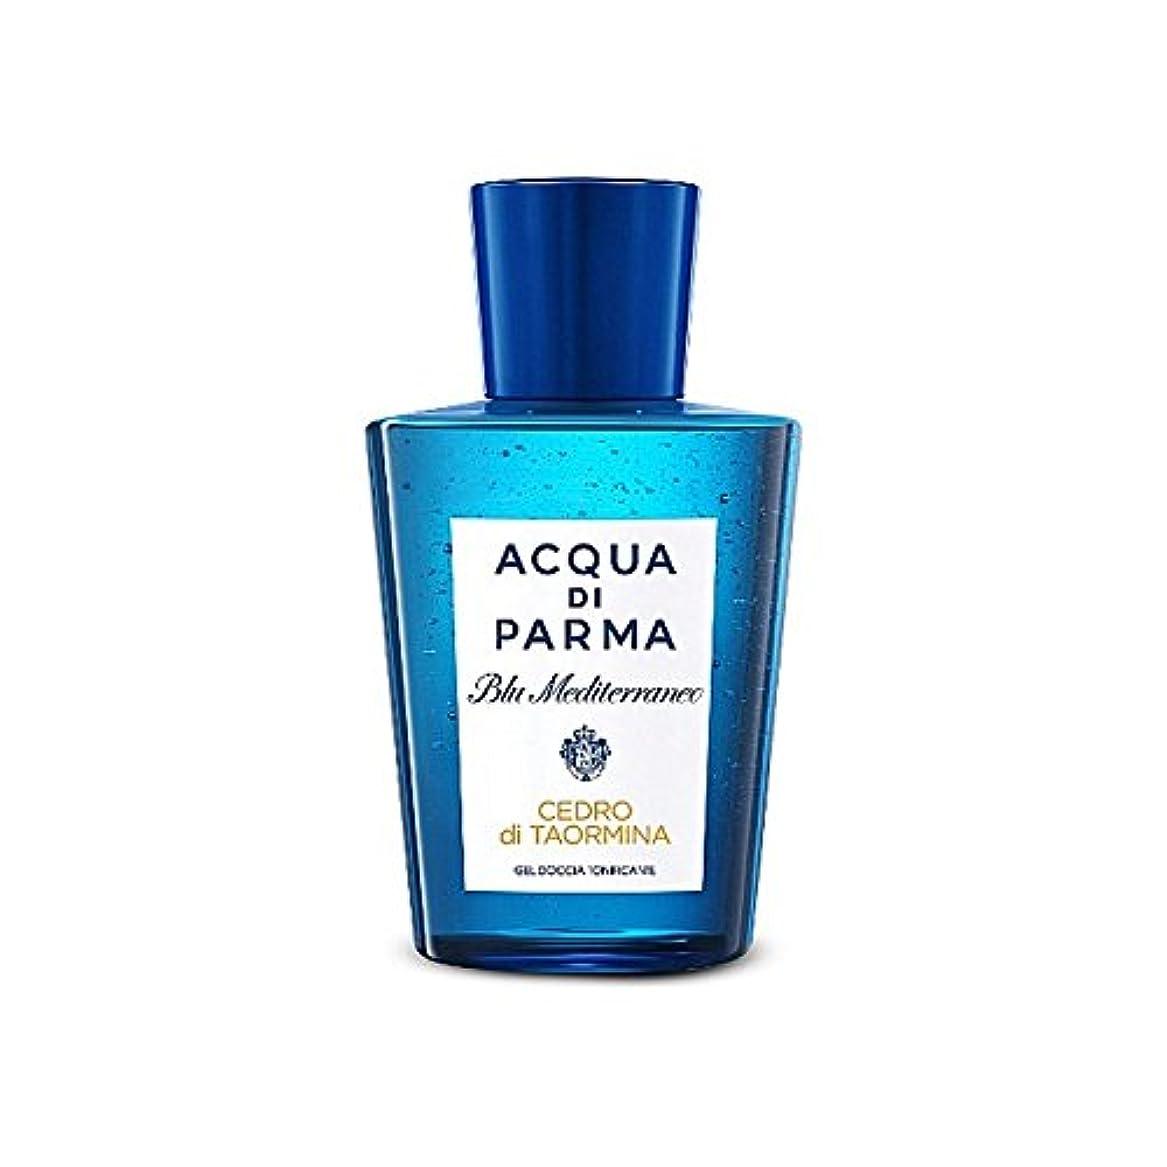 予想するエージェント市長Acqua Di Parma Cedro Di Taormina Shower Gel 200ml - アクアディパルマディミーナシャワージェル200 [並行輸入品]